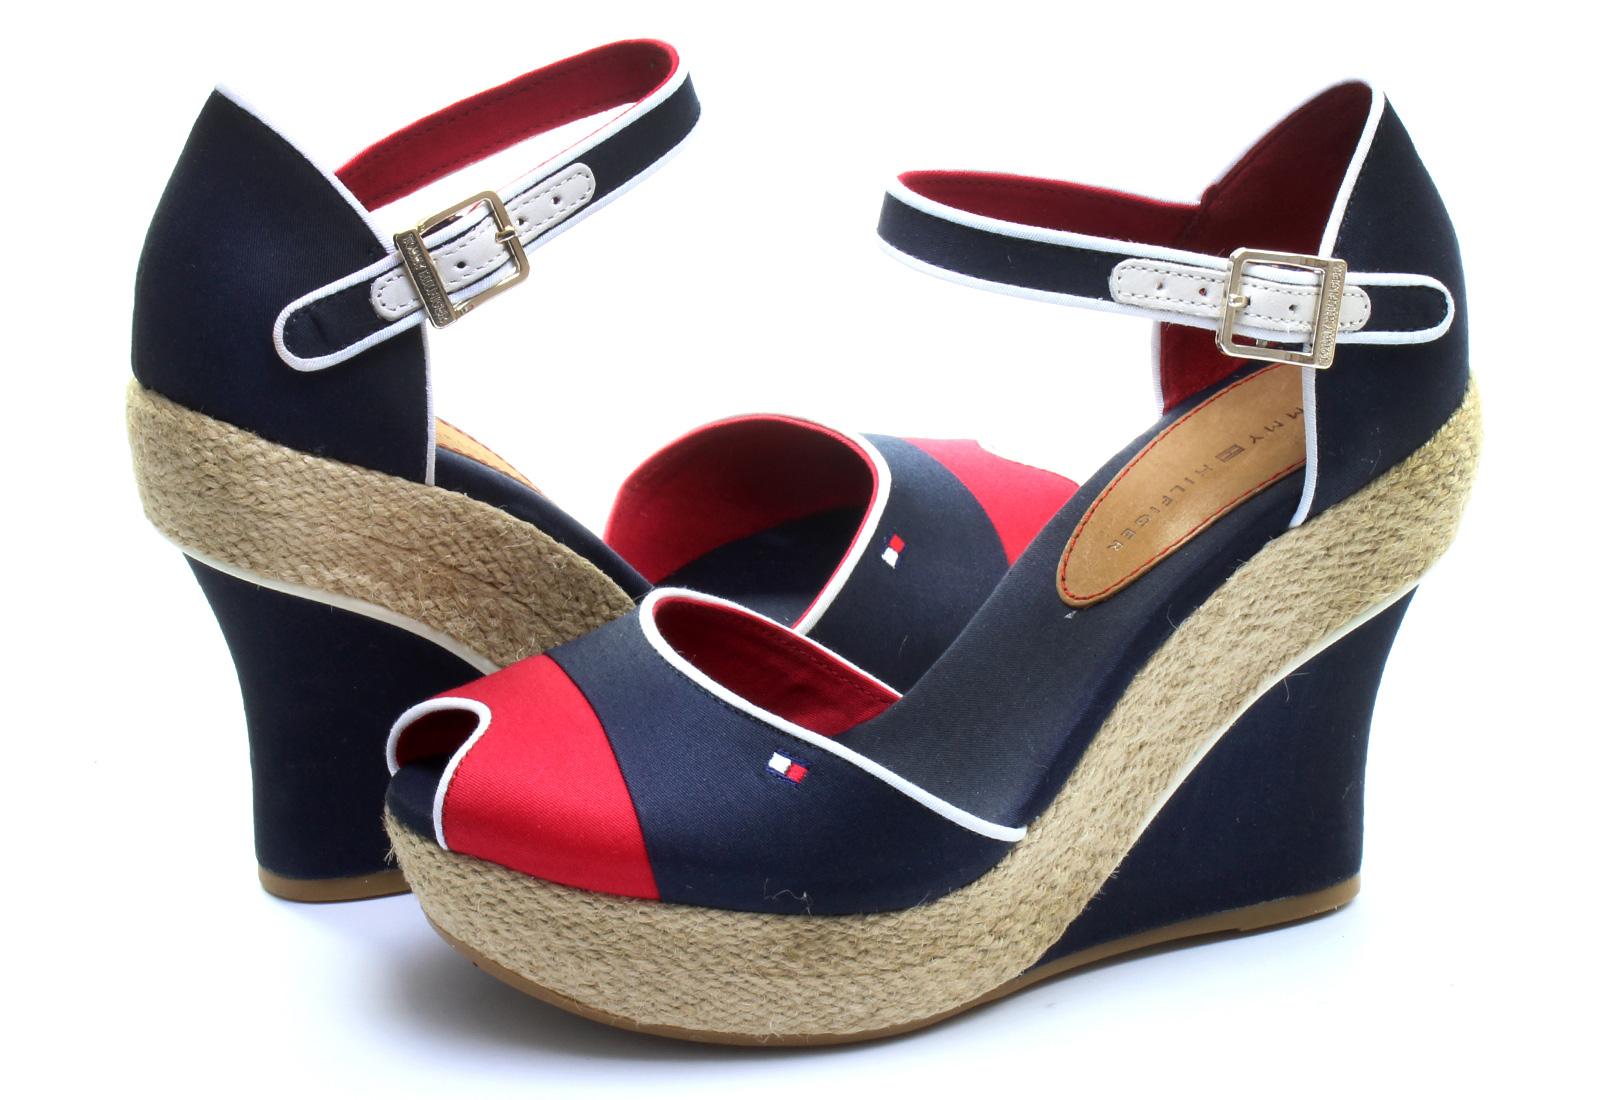 c2997622f2de5e Tommy Hilfiger Sandals - Irene 3d - 14S-6786-403 - Online shop for ...